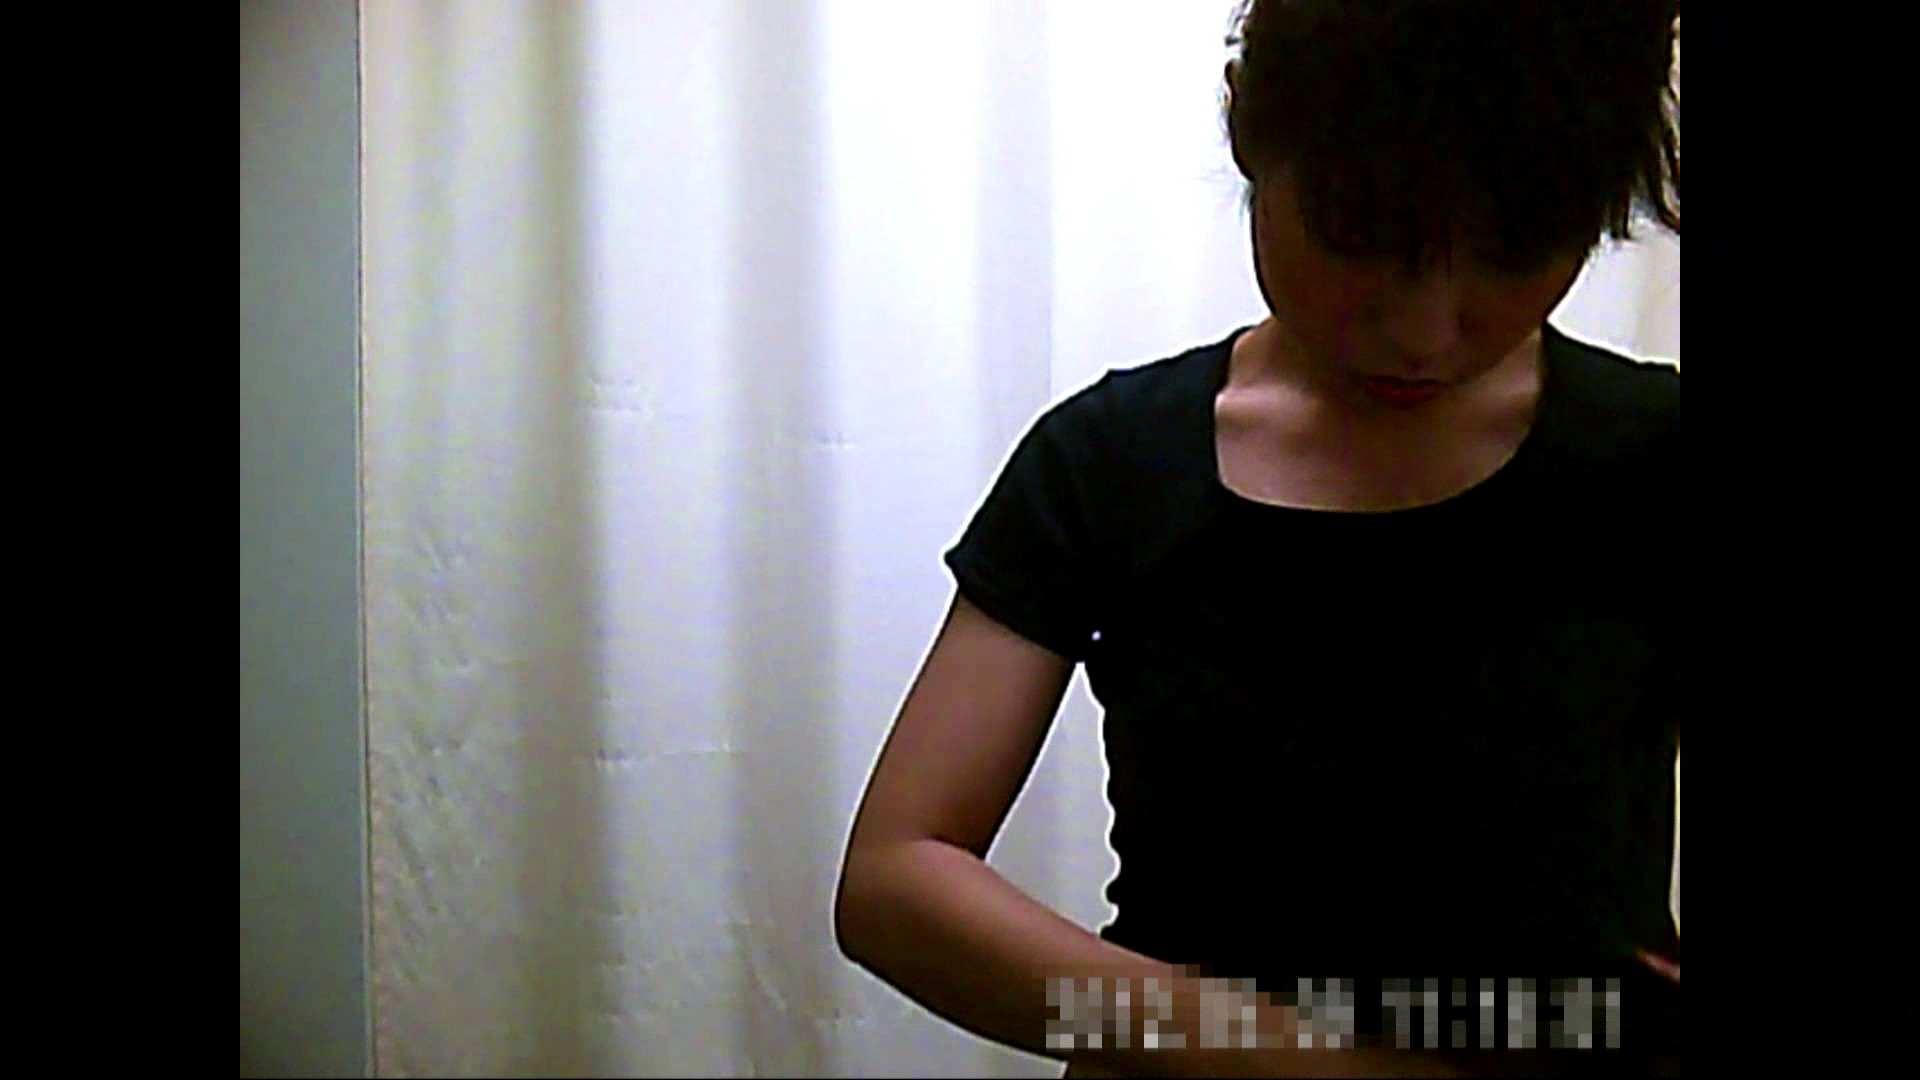 元医者による反抗 更衣室地獄絵巻 vol.002 お姉さんのSEX アダルト動画キャプチャ 109枚 101